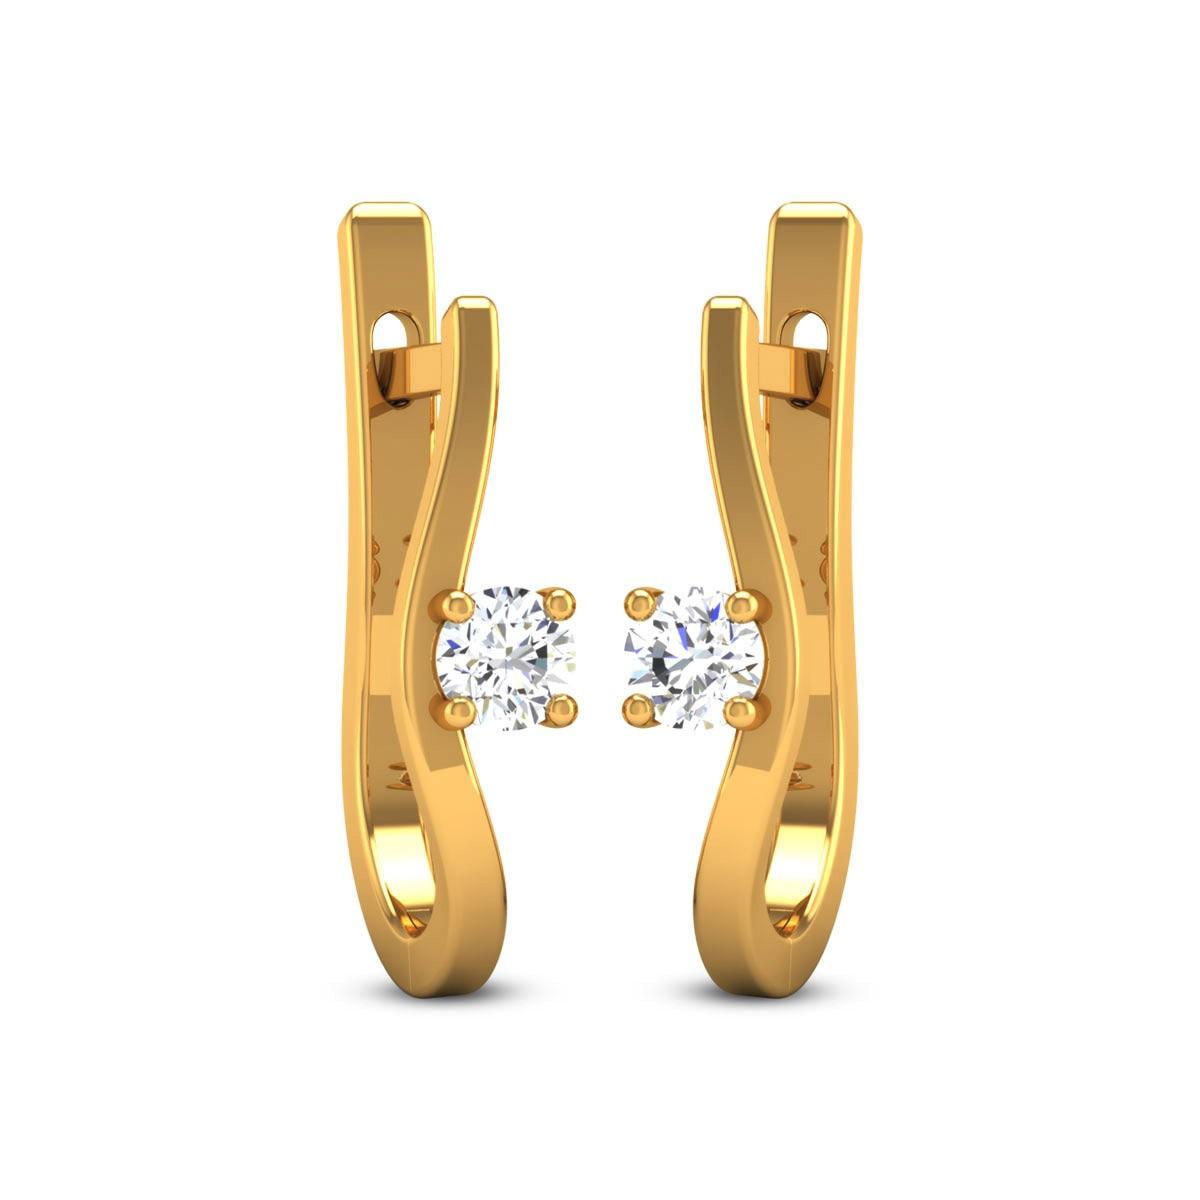 Hiral Diamond Hoop Earrings